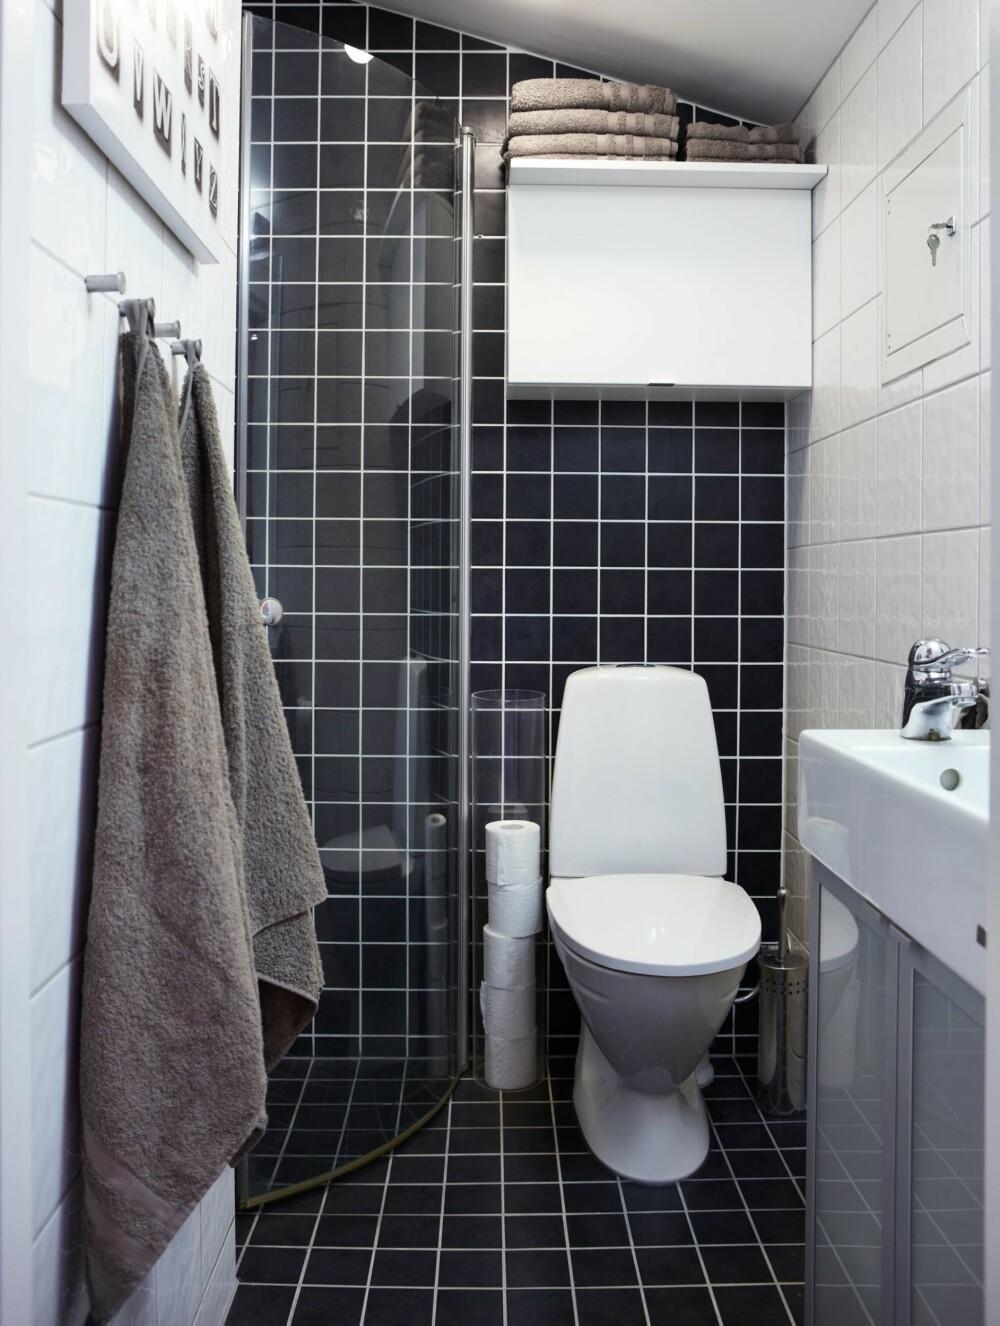 BRUK FARGE PÅ BAD: Den usedvanlig smale vasken, 20 x 70 cm, ble et funn for dette lille badet, den er fra Ikea. Ved dusjen er det montert en halvpart av et 90 cm dusjhjørne. Veggen er svingbar og kan dyttes helt inn mot veggen når dusjen ikke er i bruk. Nye, svarte fliser gir inntrykk av dybde i rommet.